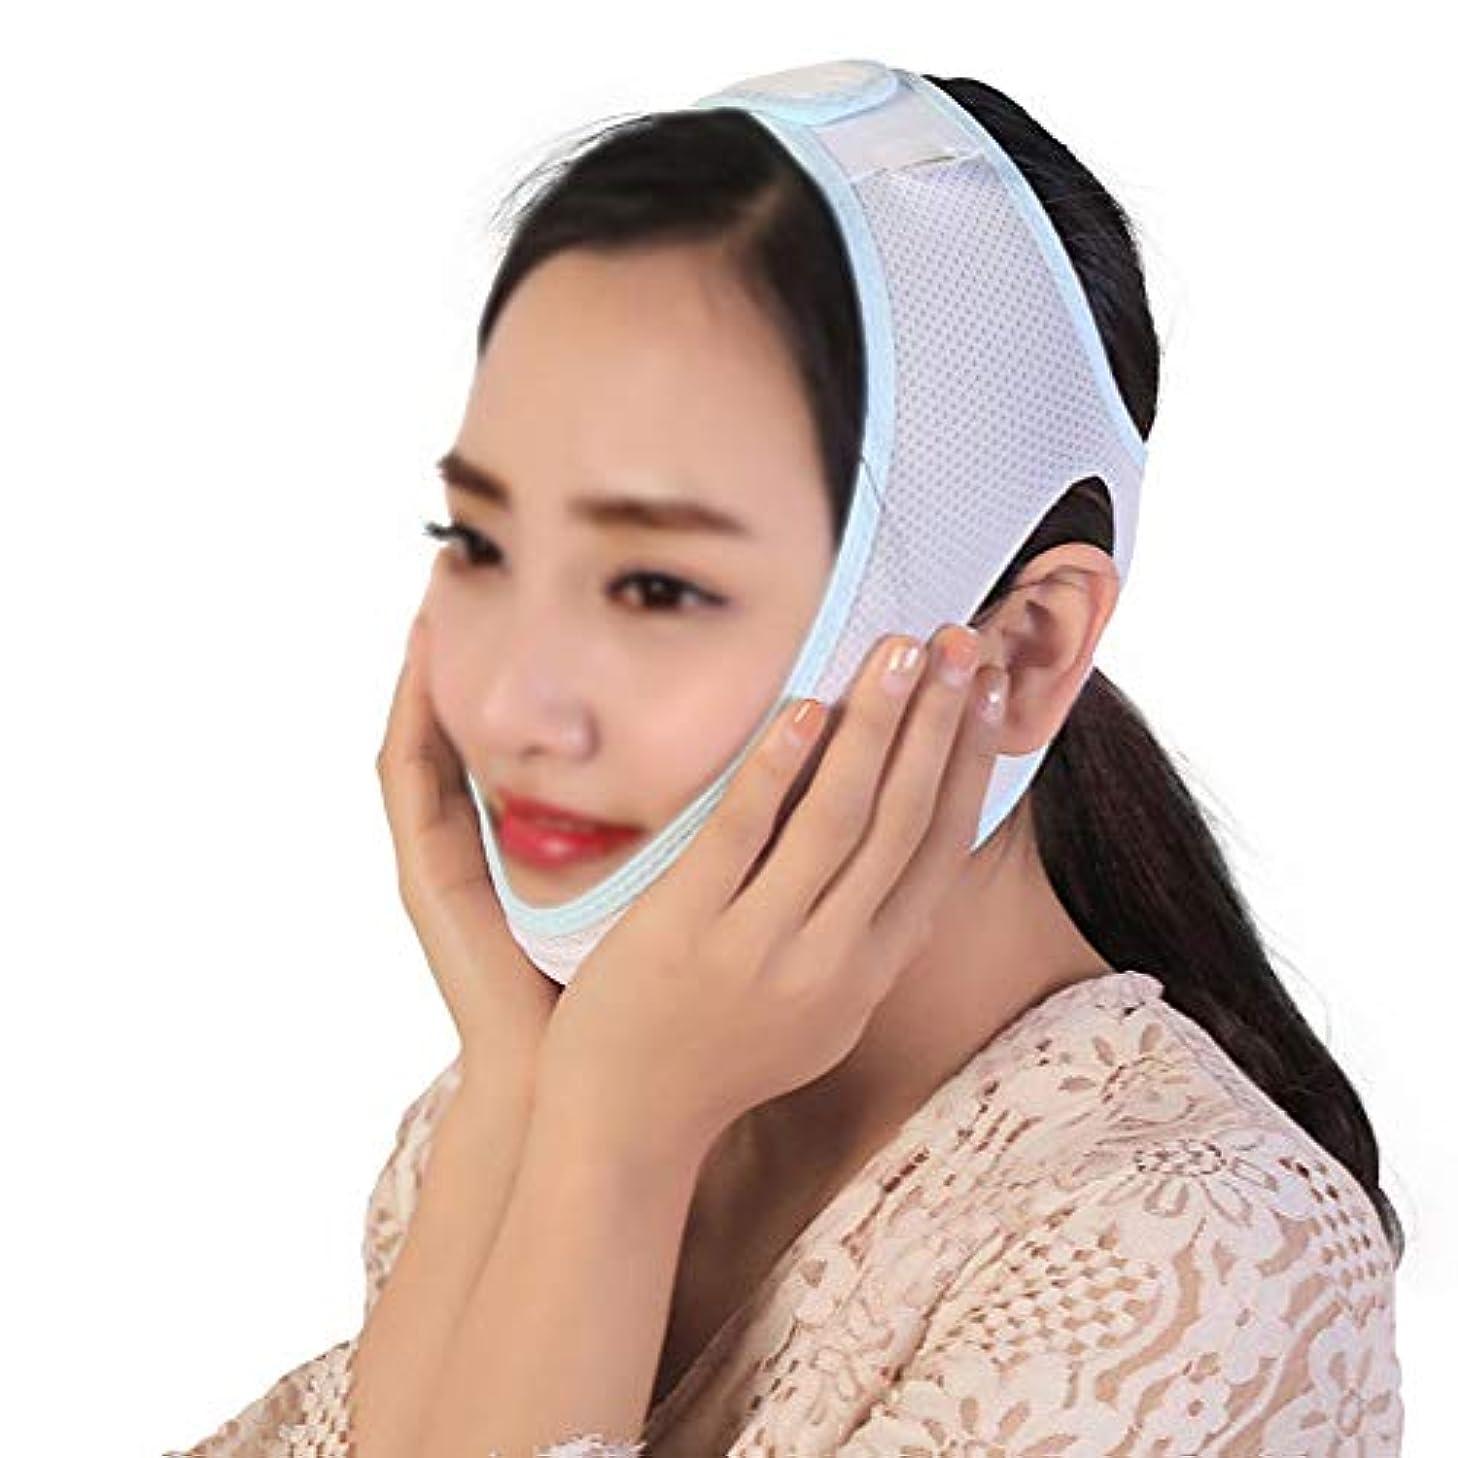 登録アカデミー効果的にXHLMRMJ ファーミングフェイスマスク、小さなvフェイスアーティファクトリフティングフェイスプラスチックフェイスマスク快適さのアップグレードの最適化フェイスカーブ包括的な通気性の包帯 (Size : M)